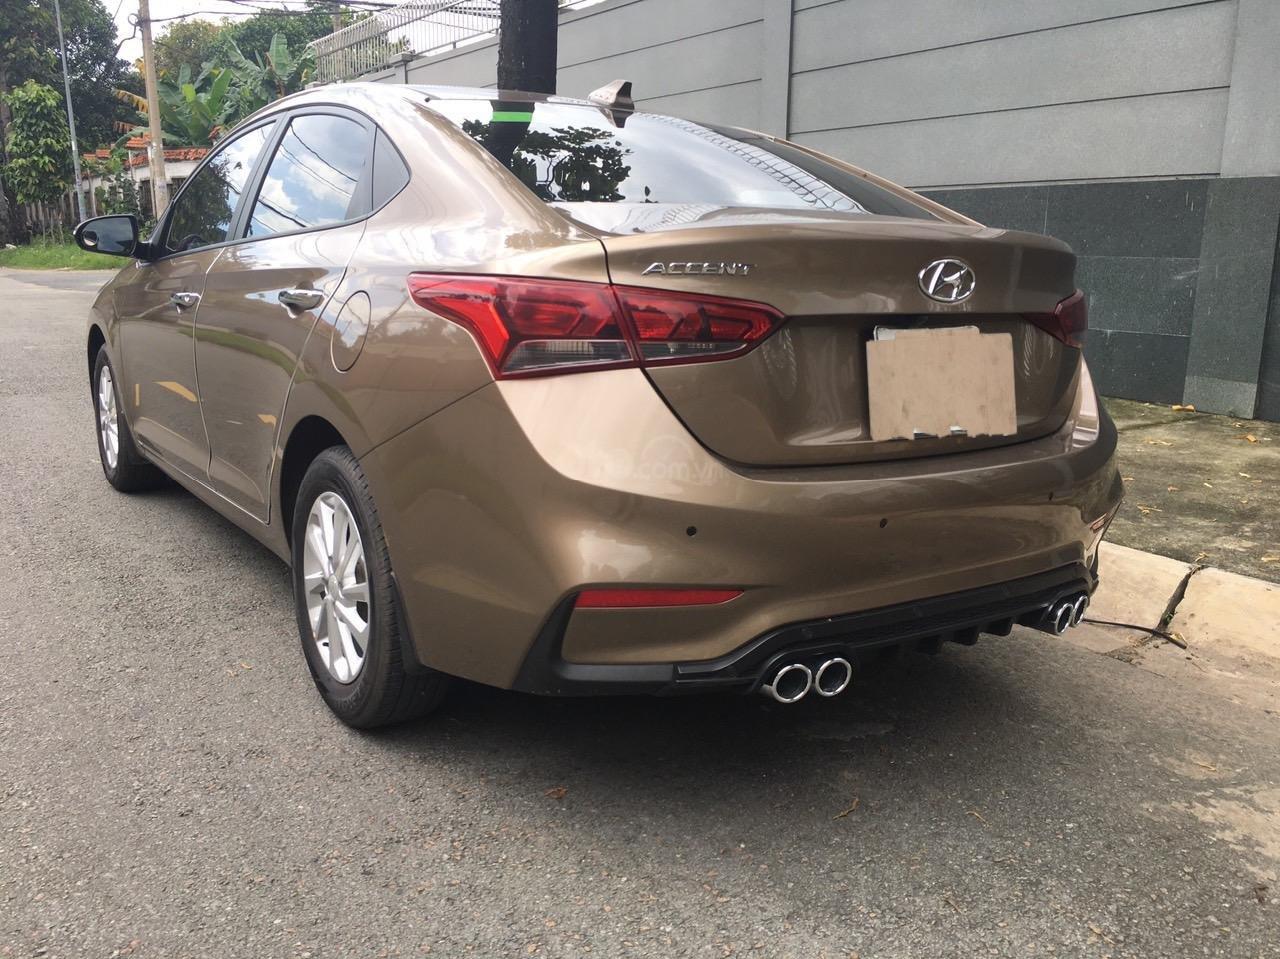 Hyundai Accent 2019 MT bản full, sơ cua chưa hạ (3)